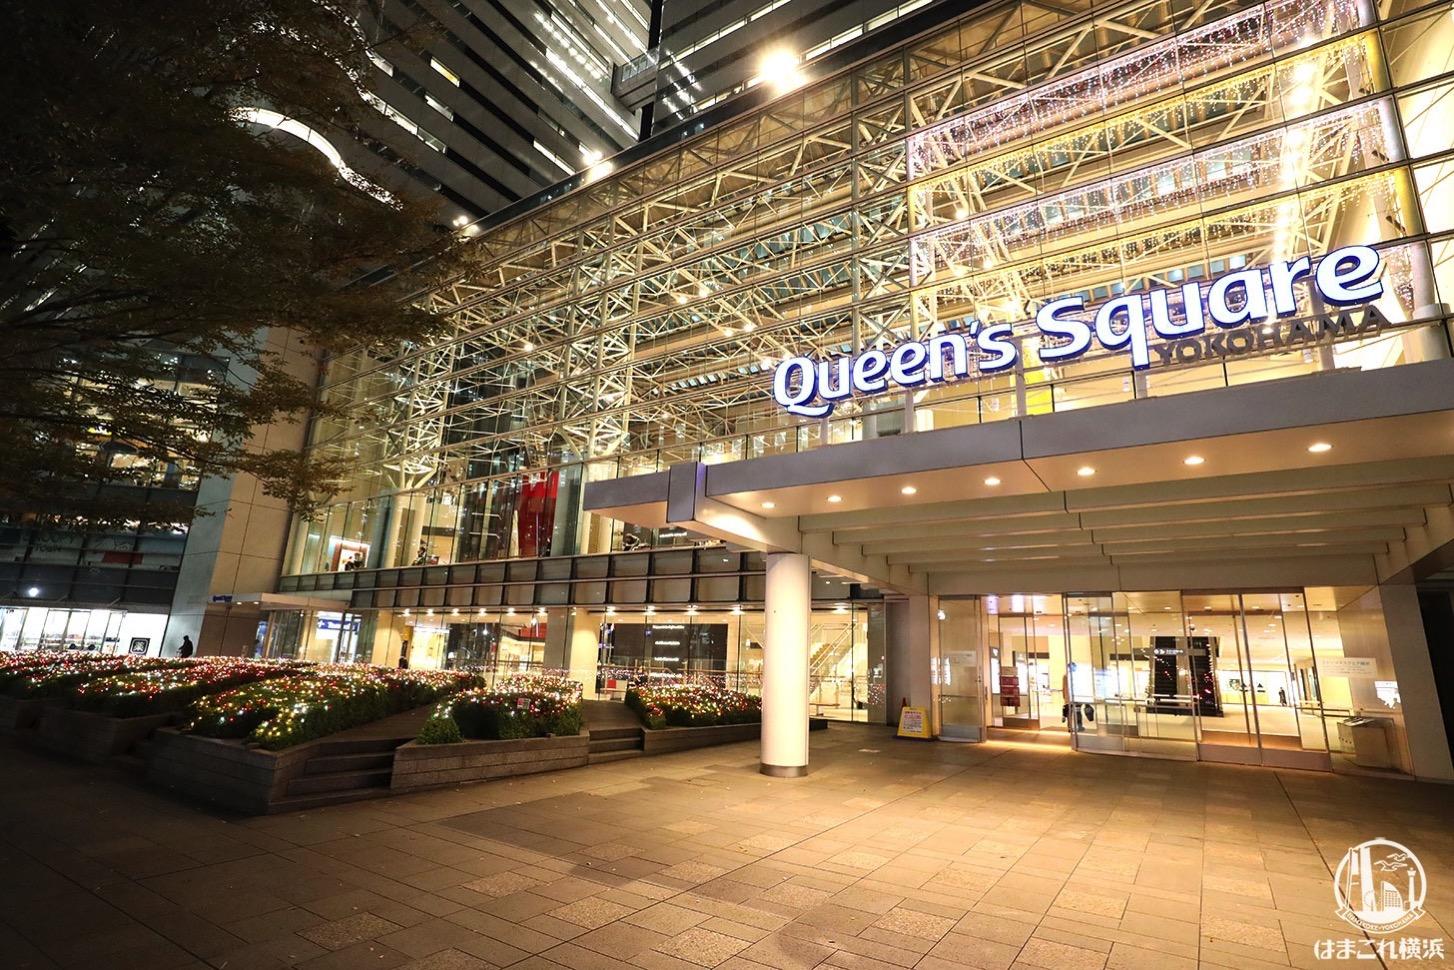 クイーンズスクエア横浜 ライトアップ